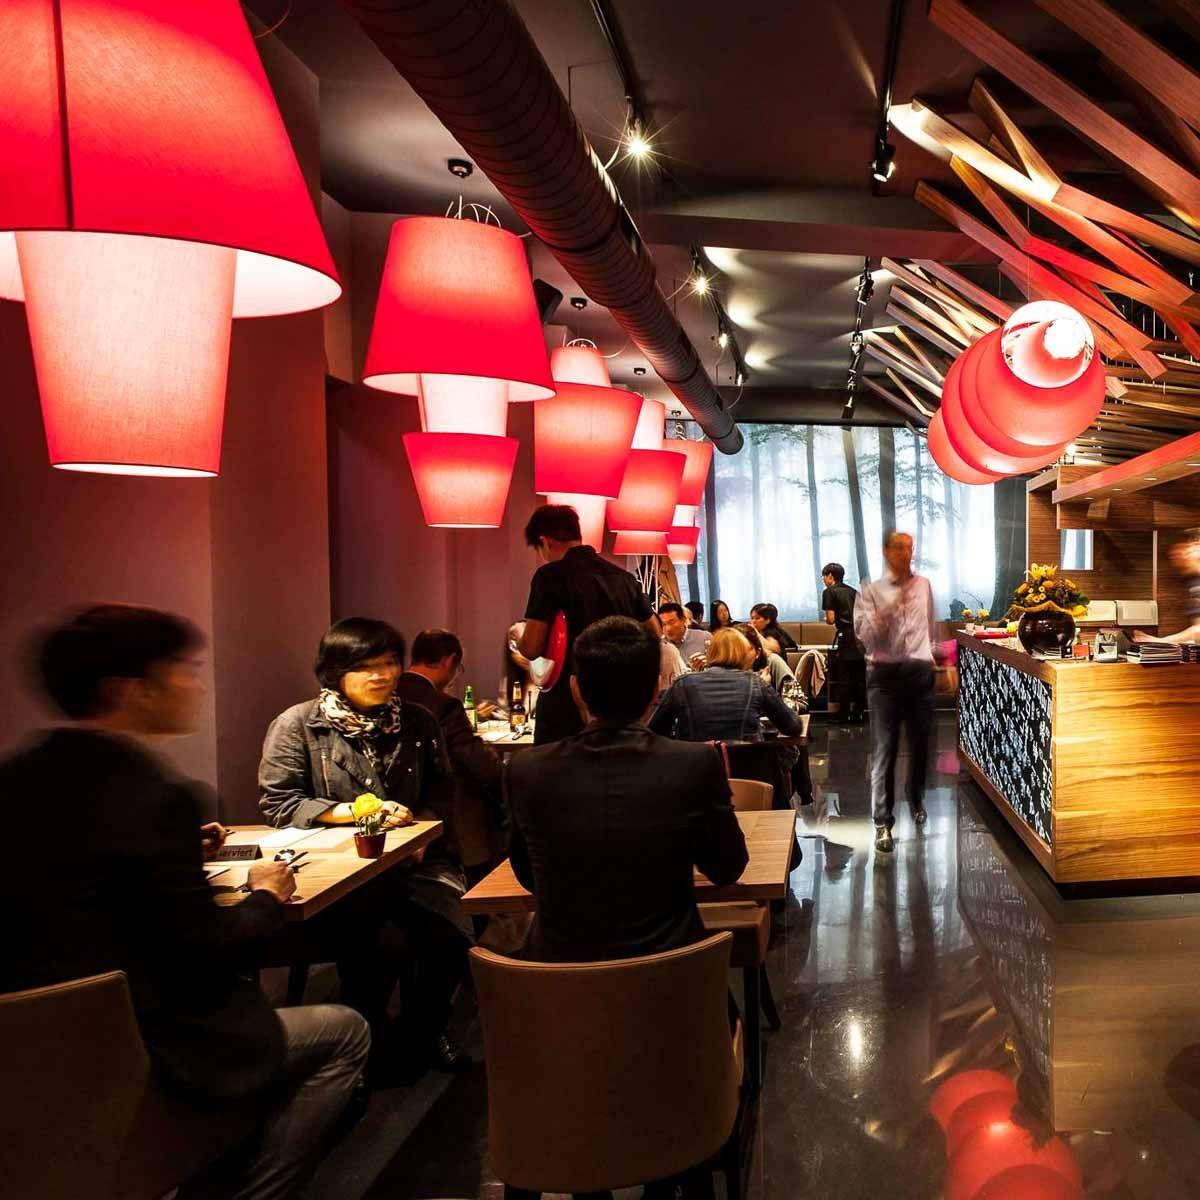 Koreanisches Restaurant Yori Wien Creme Guides Restaurant Wien Koreanische Kuche Restaurant